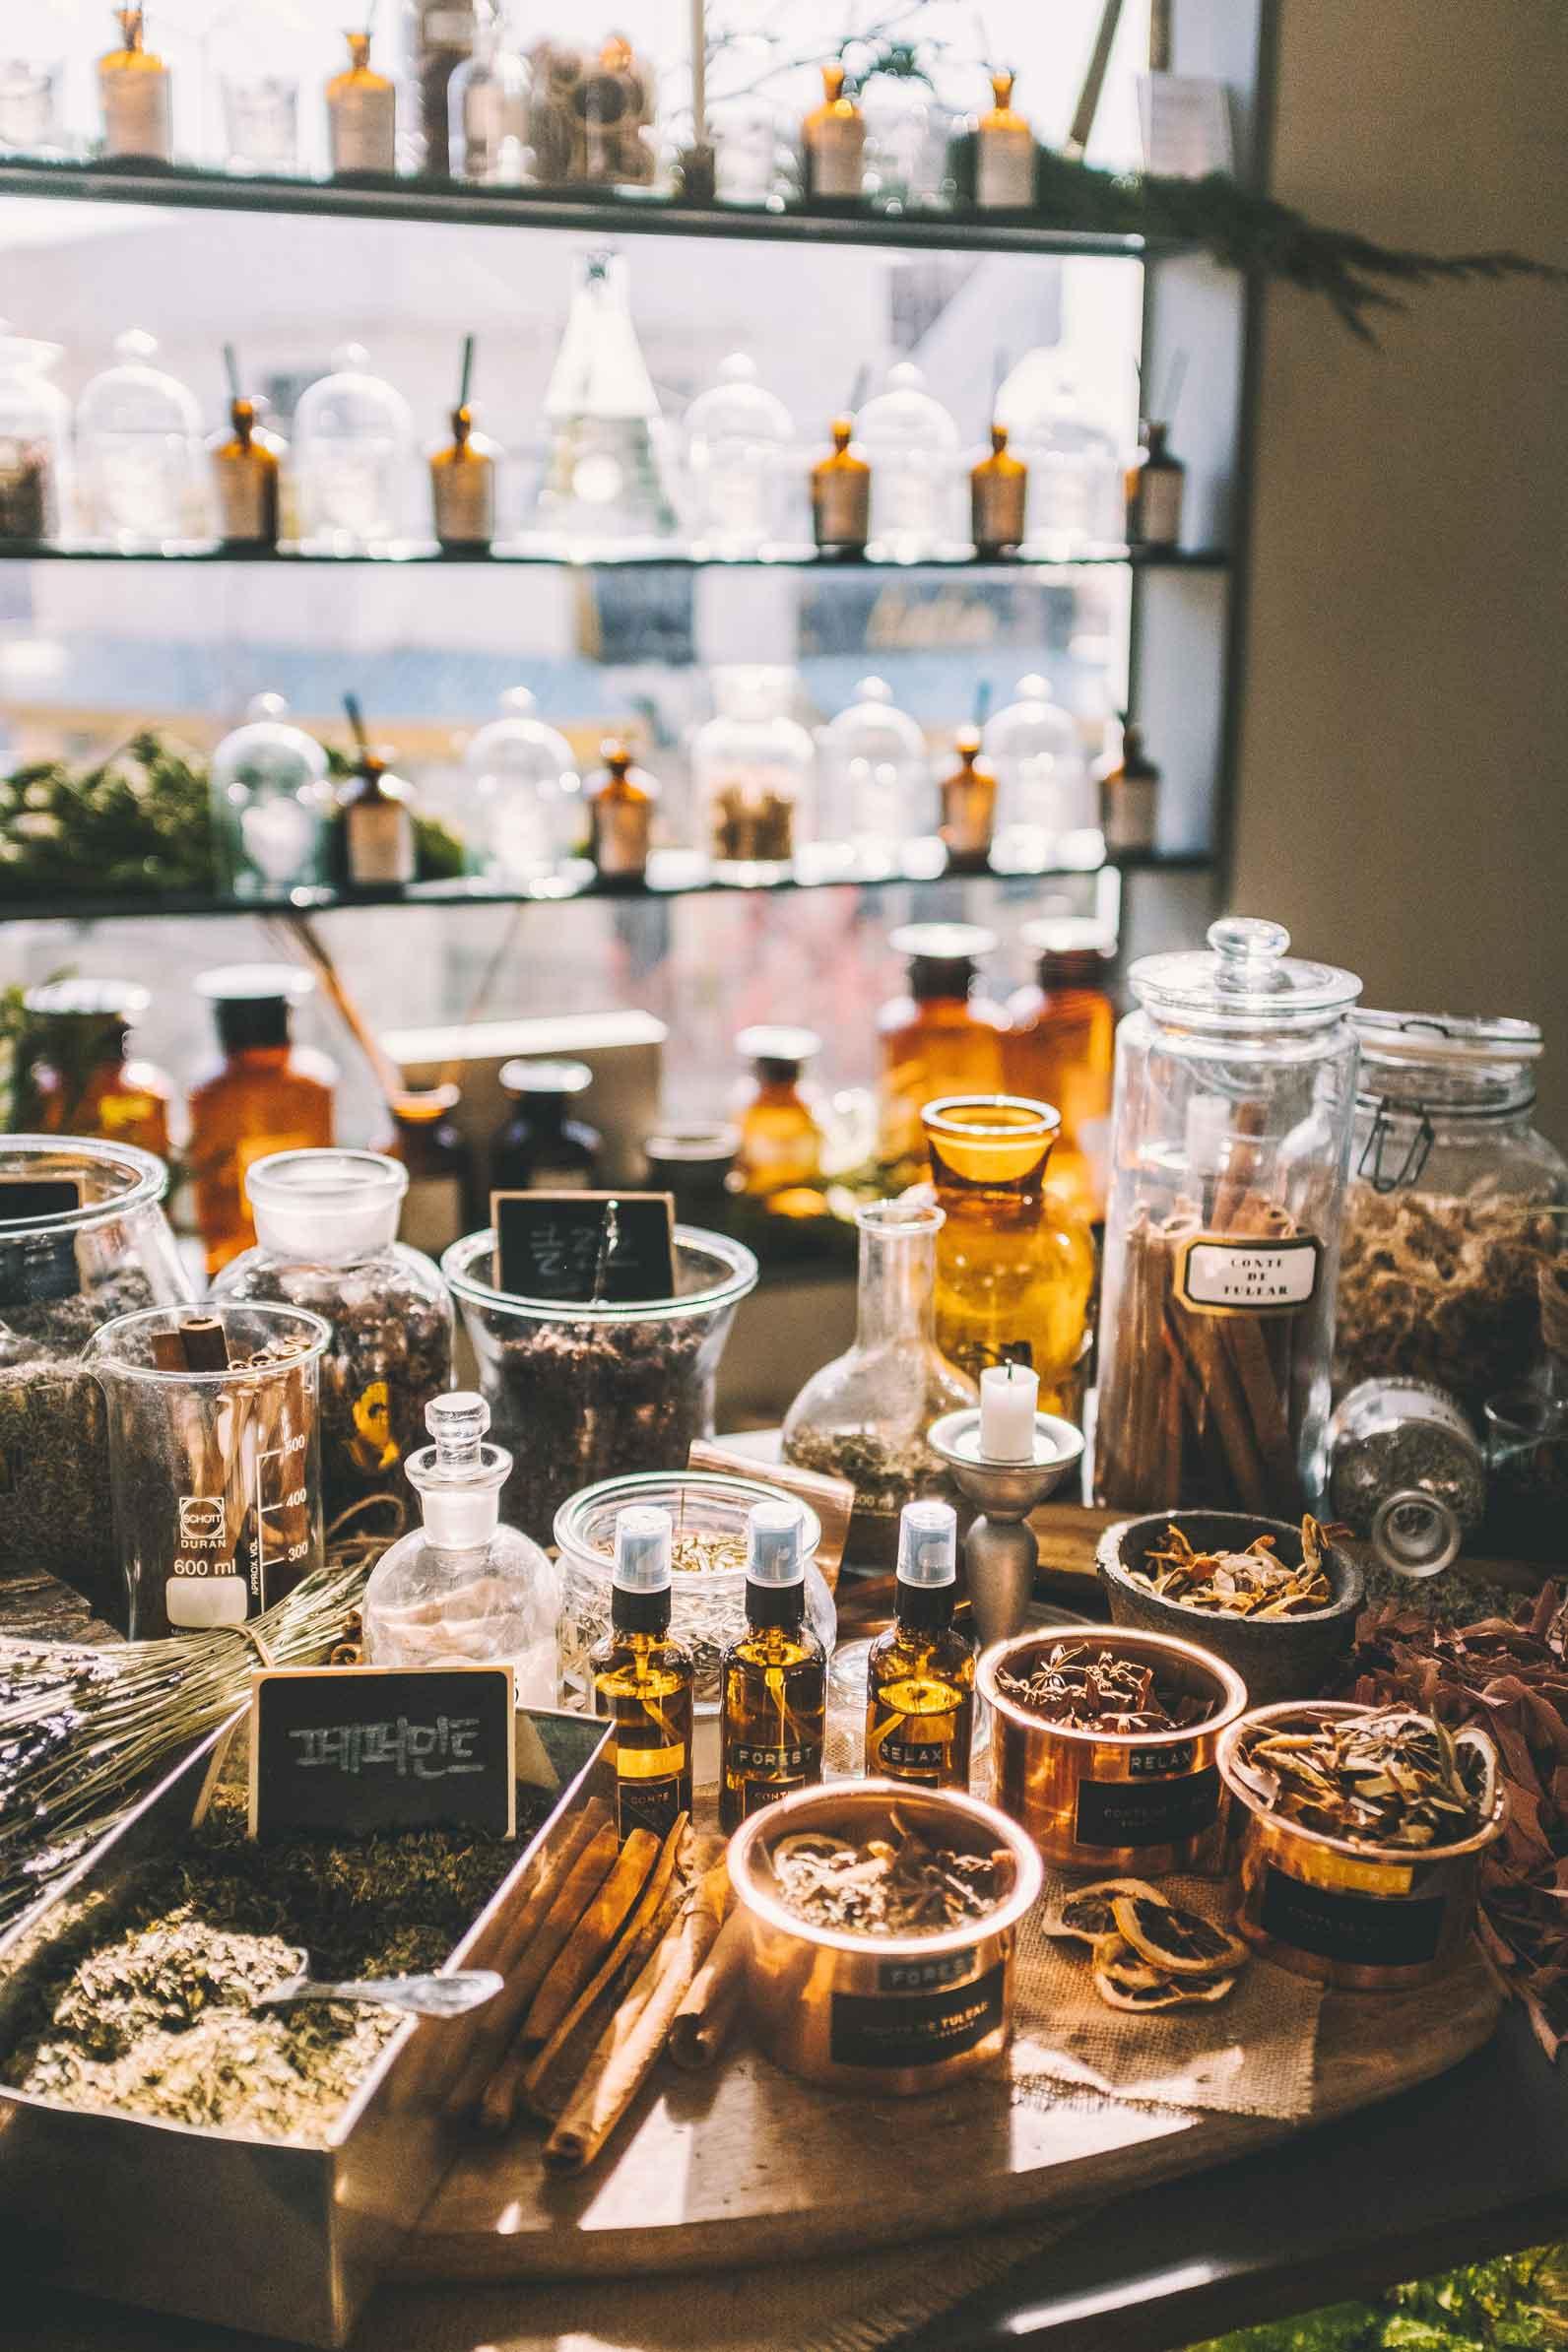 tavolo con gli ingredienti dei profumi e boccette di essenza profumate